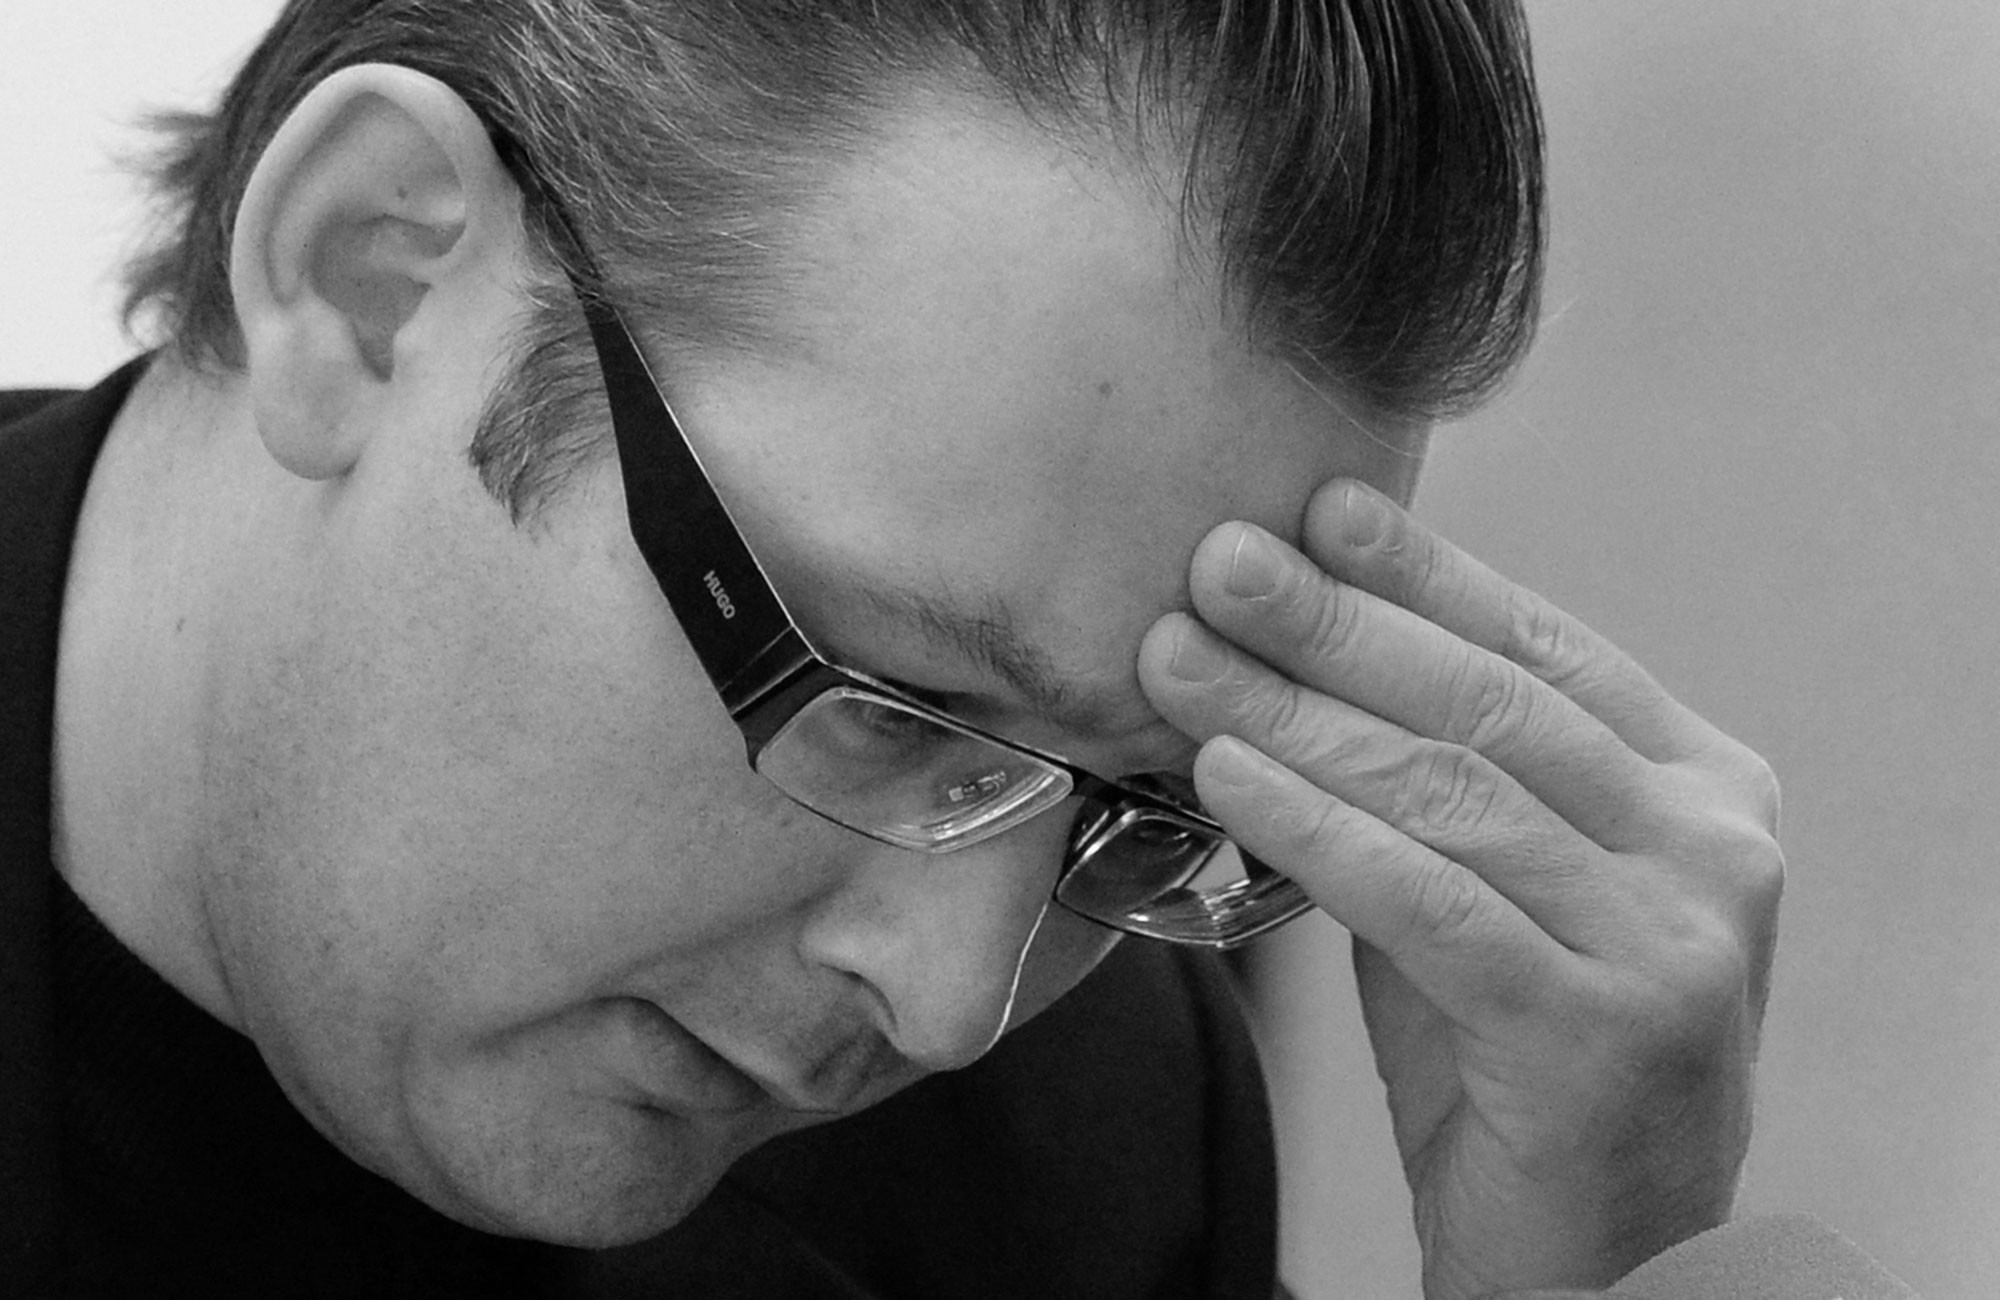 """Бывший генеральный директор авиакомпании """"Татарстан"""" Аксан Гиниятуллин. Фото: © РИА Новости / Максим Богодвид"""